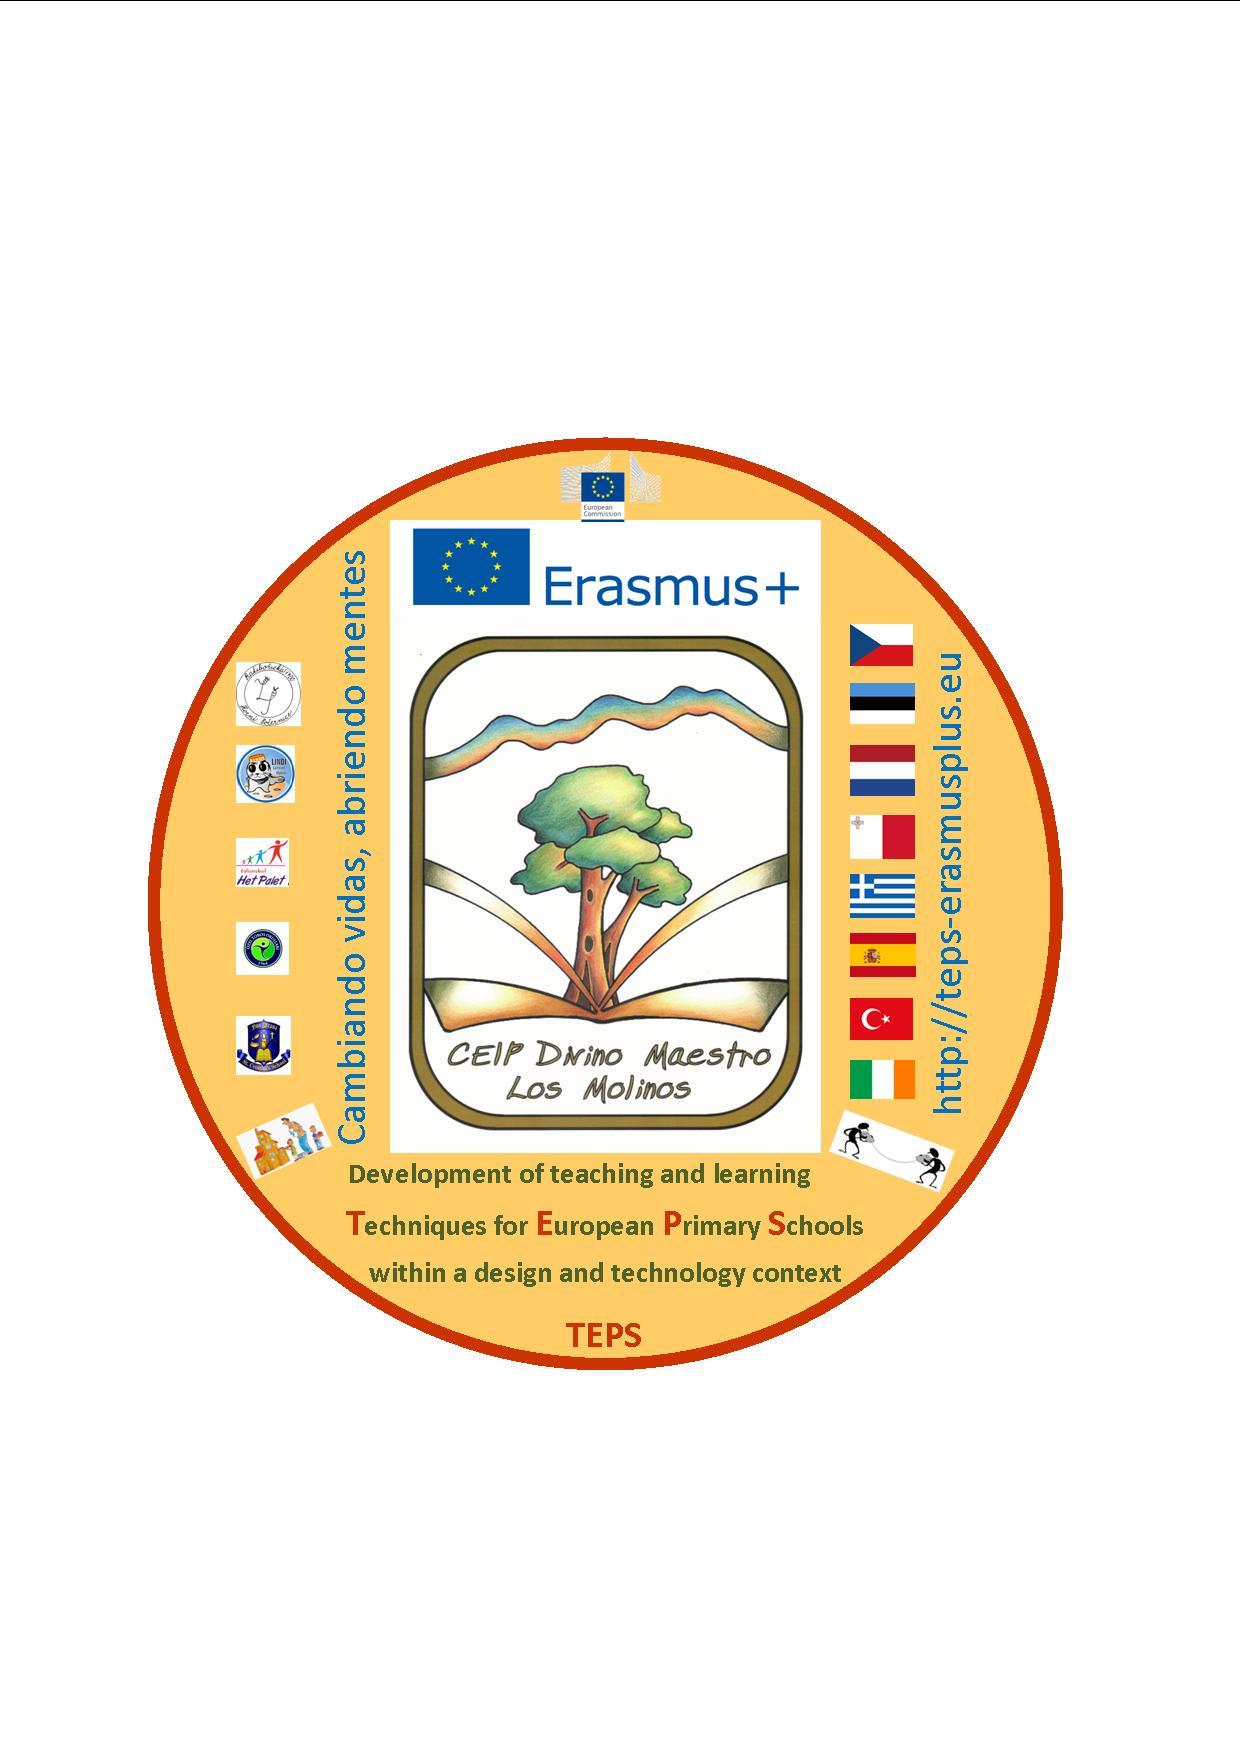 Logo Proyecto Erasmus Plus Divino Maestro Los Molinos